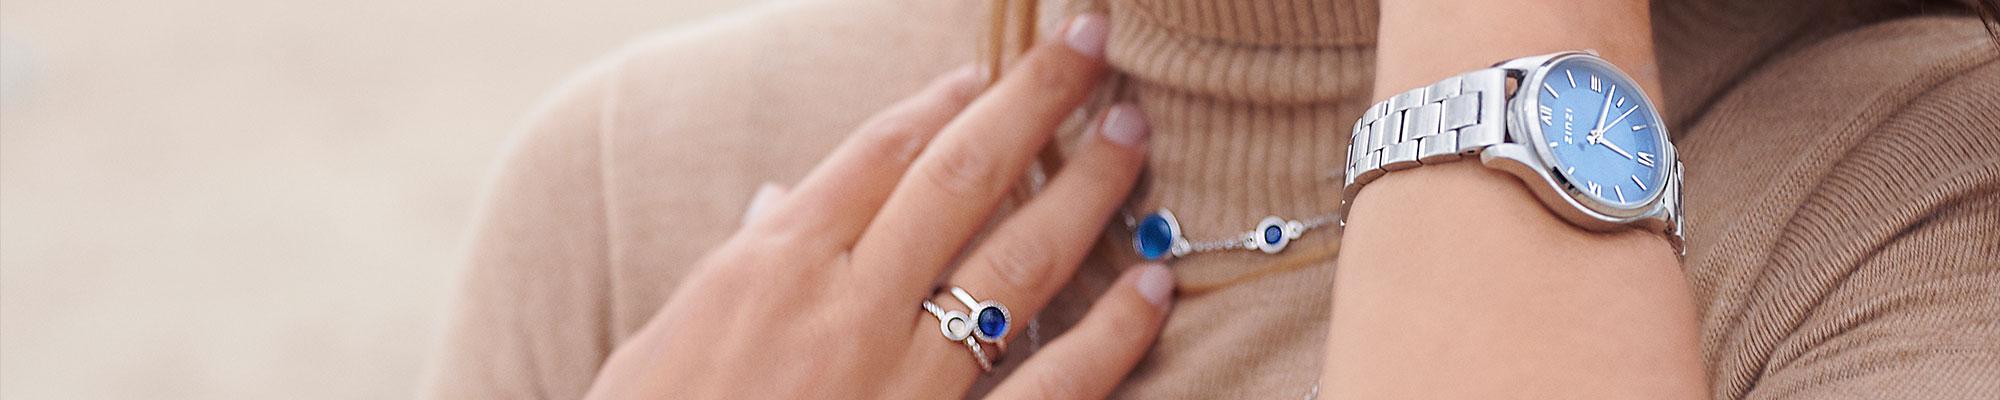 Blauwe sieraden